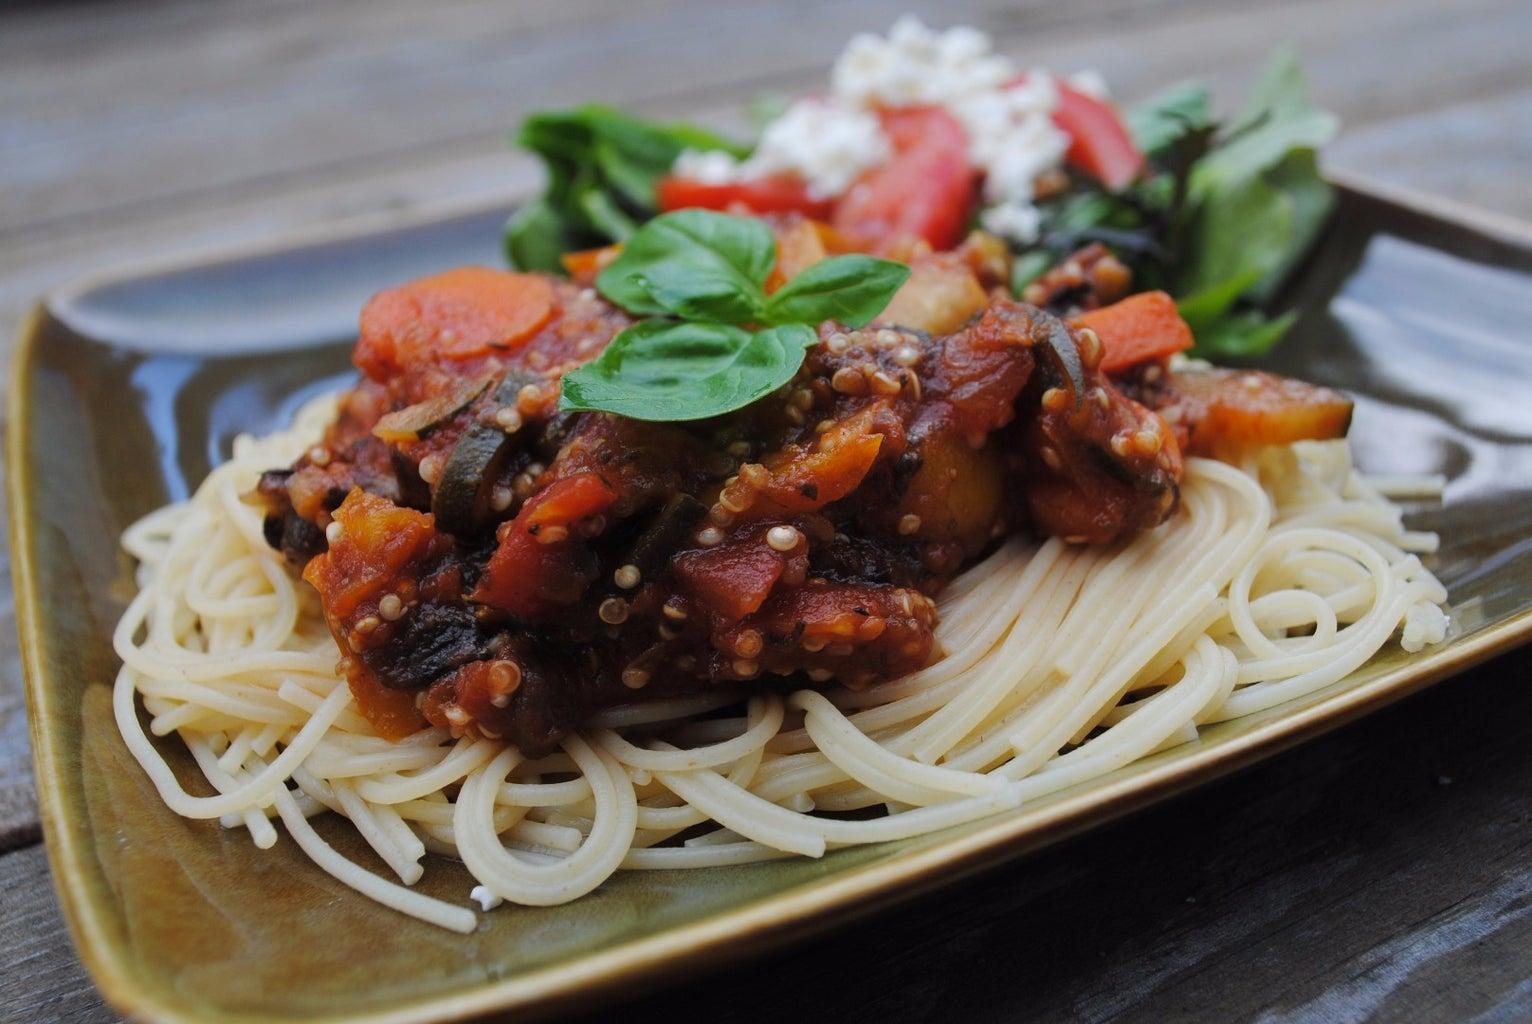 Delicious Quinoa Spaghetti Sauce